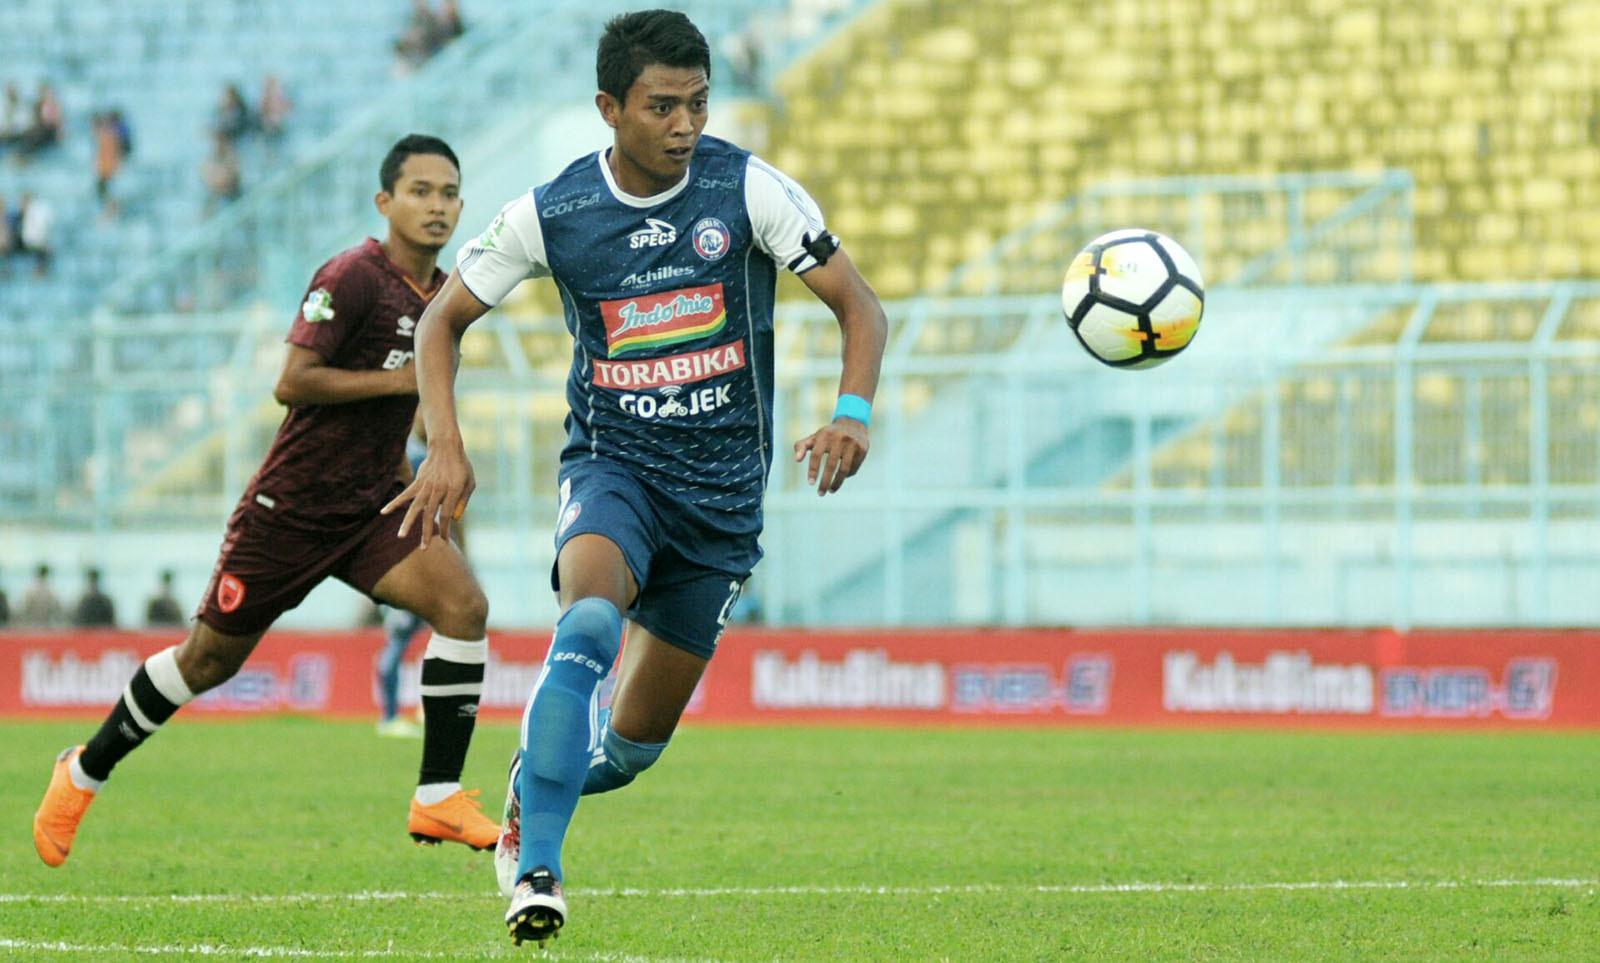 Penyerang Arema, Dedik Setiawan, mengakui kelelahan saat melawan PSM (13/5/2018). (Bola.com/Iwan Setiawan)